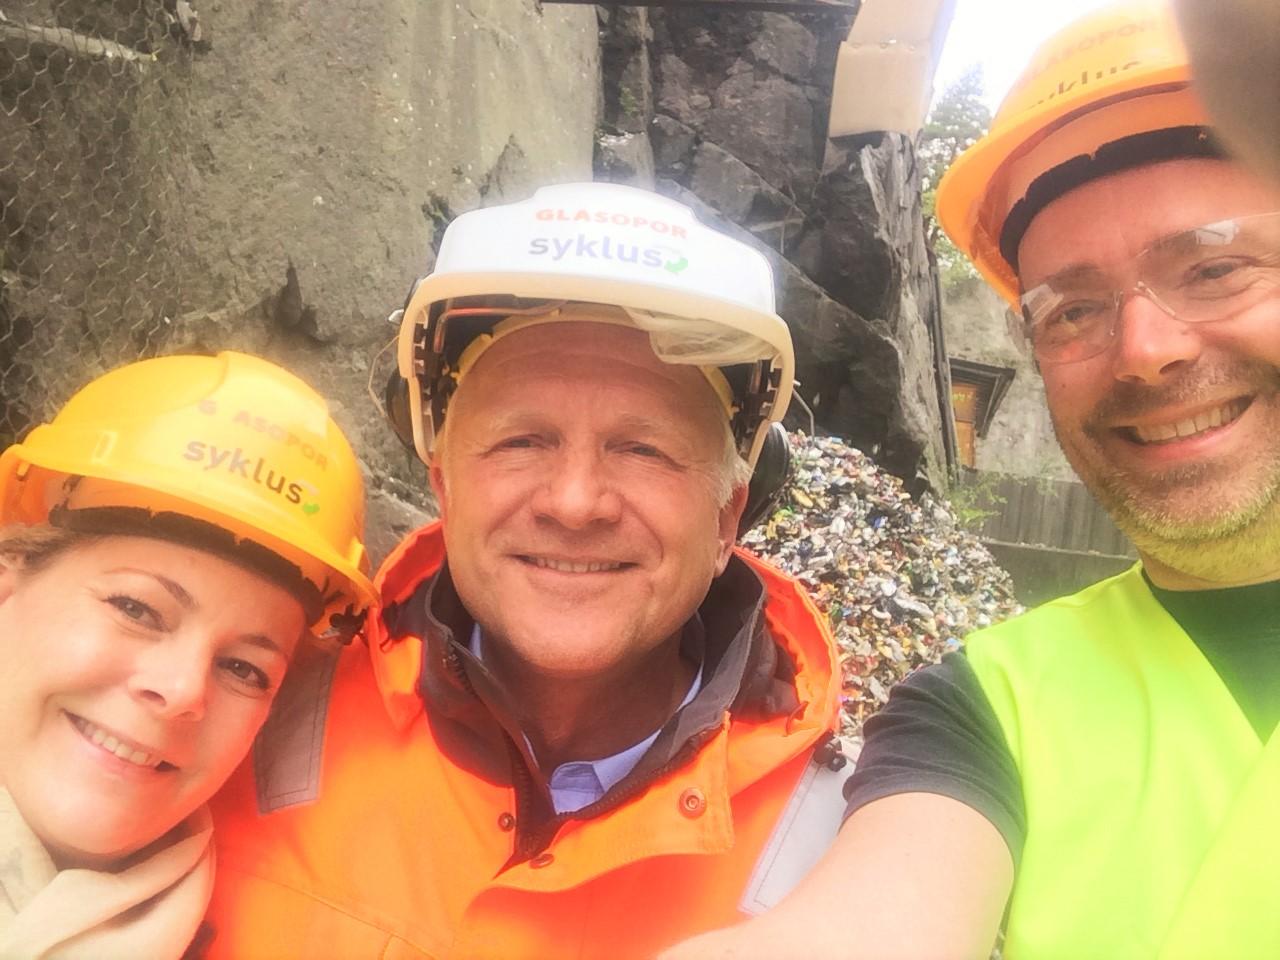 På 5S oppdrag hos Syklus i samarbeid med HiØ. Fra h.: Dr. Gunnar Andersson; Høgskolen i Østfold, Espen Sandsdalen; Syklus,Produksjons- og logistikksjef og Marny Østreng Unnli, MC daglig leder.